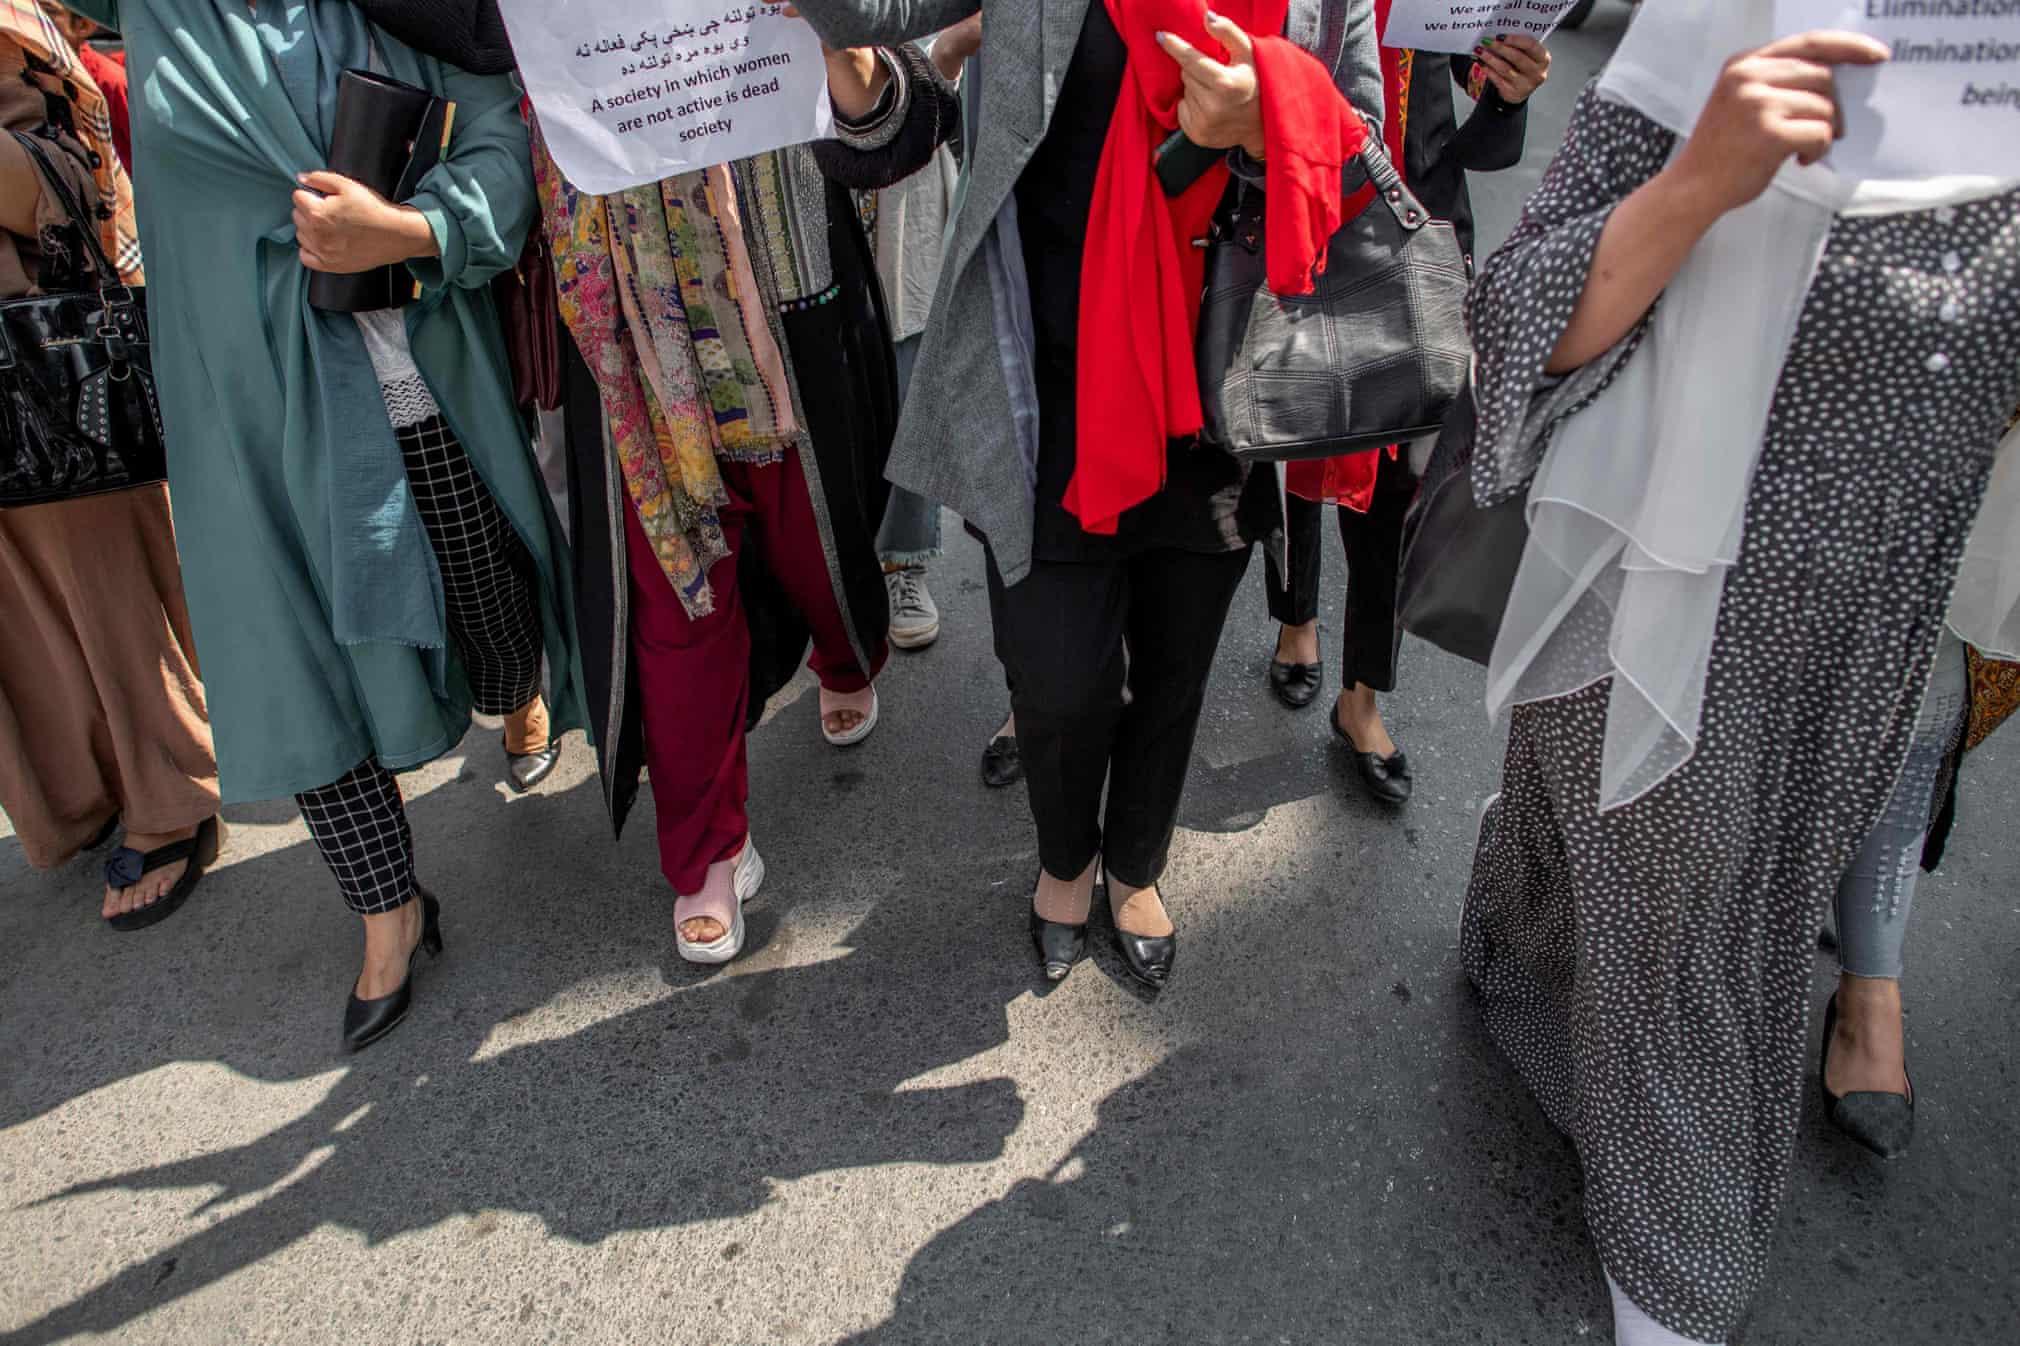 تظاهرات زنان افغان در کابل مقابل وزارت امر به معروف